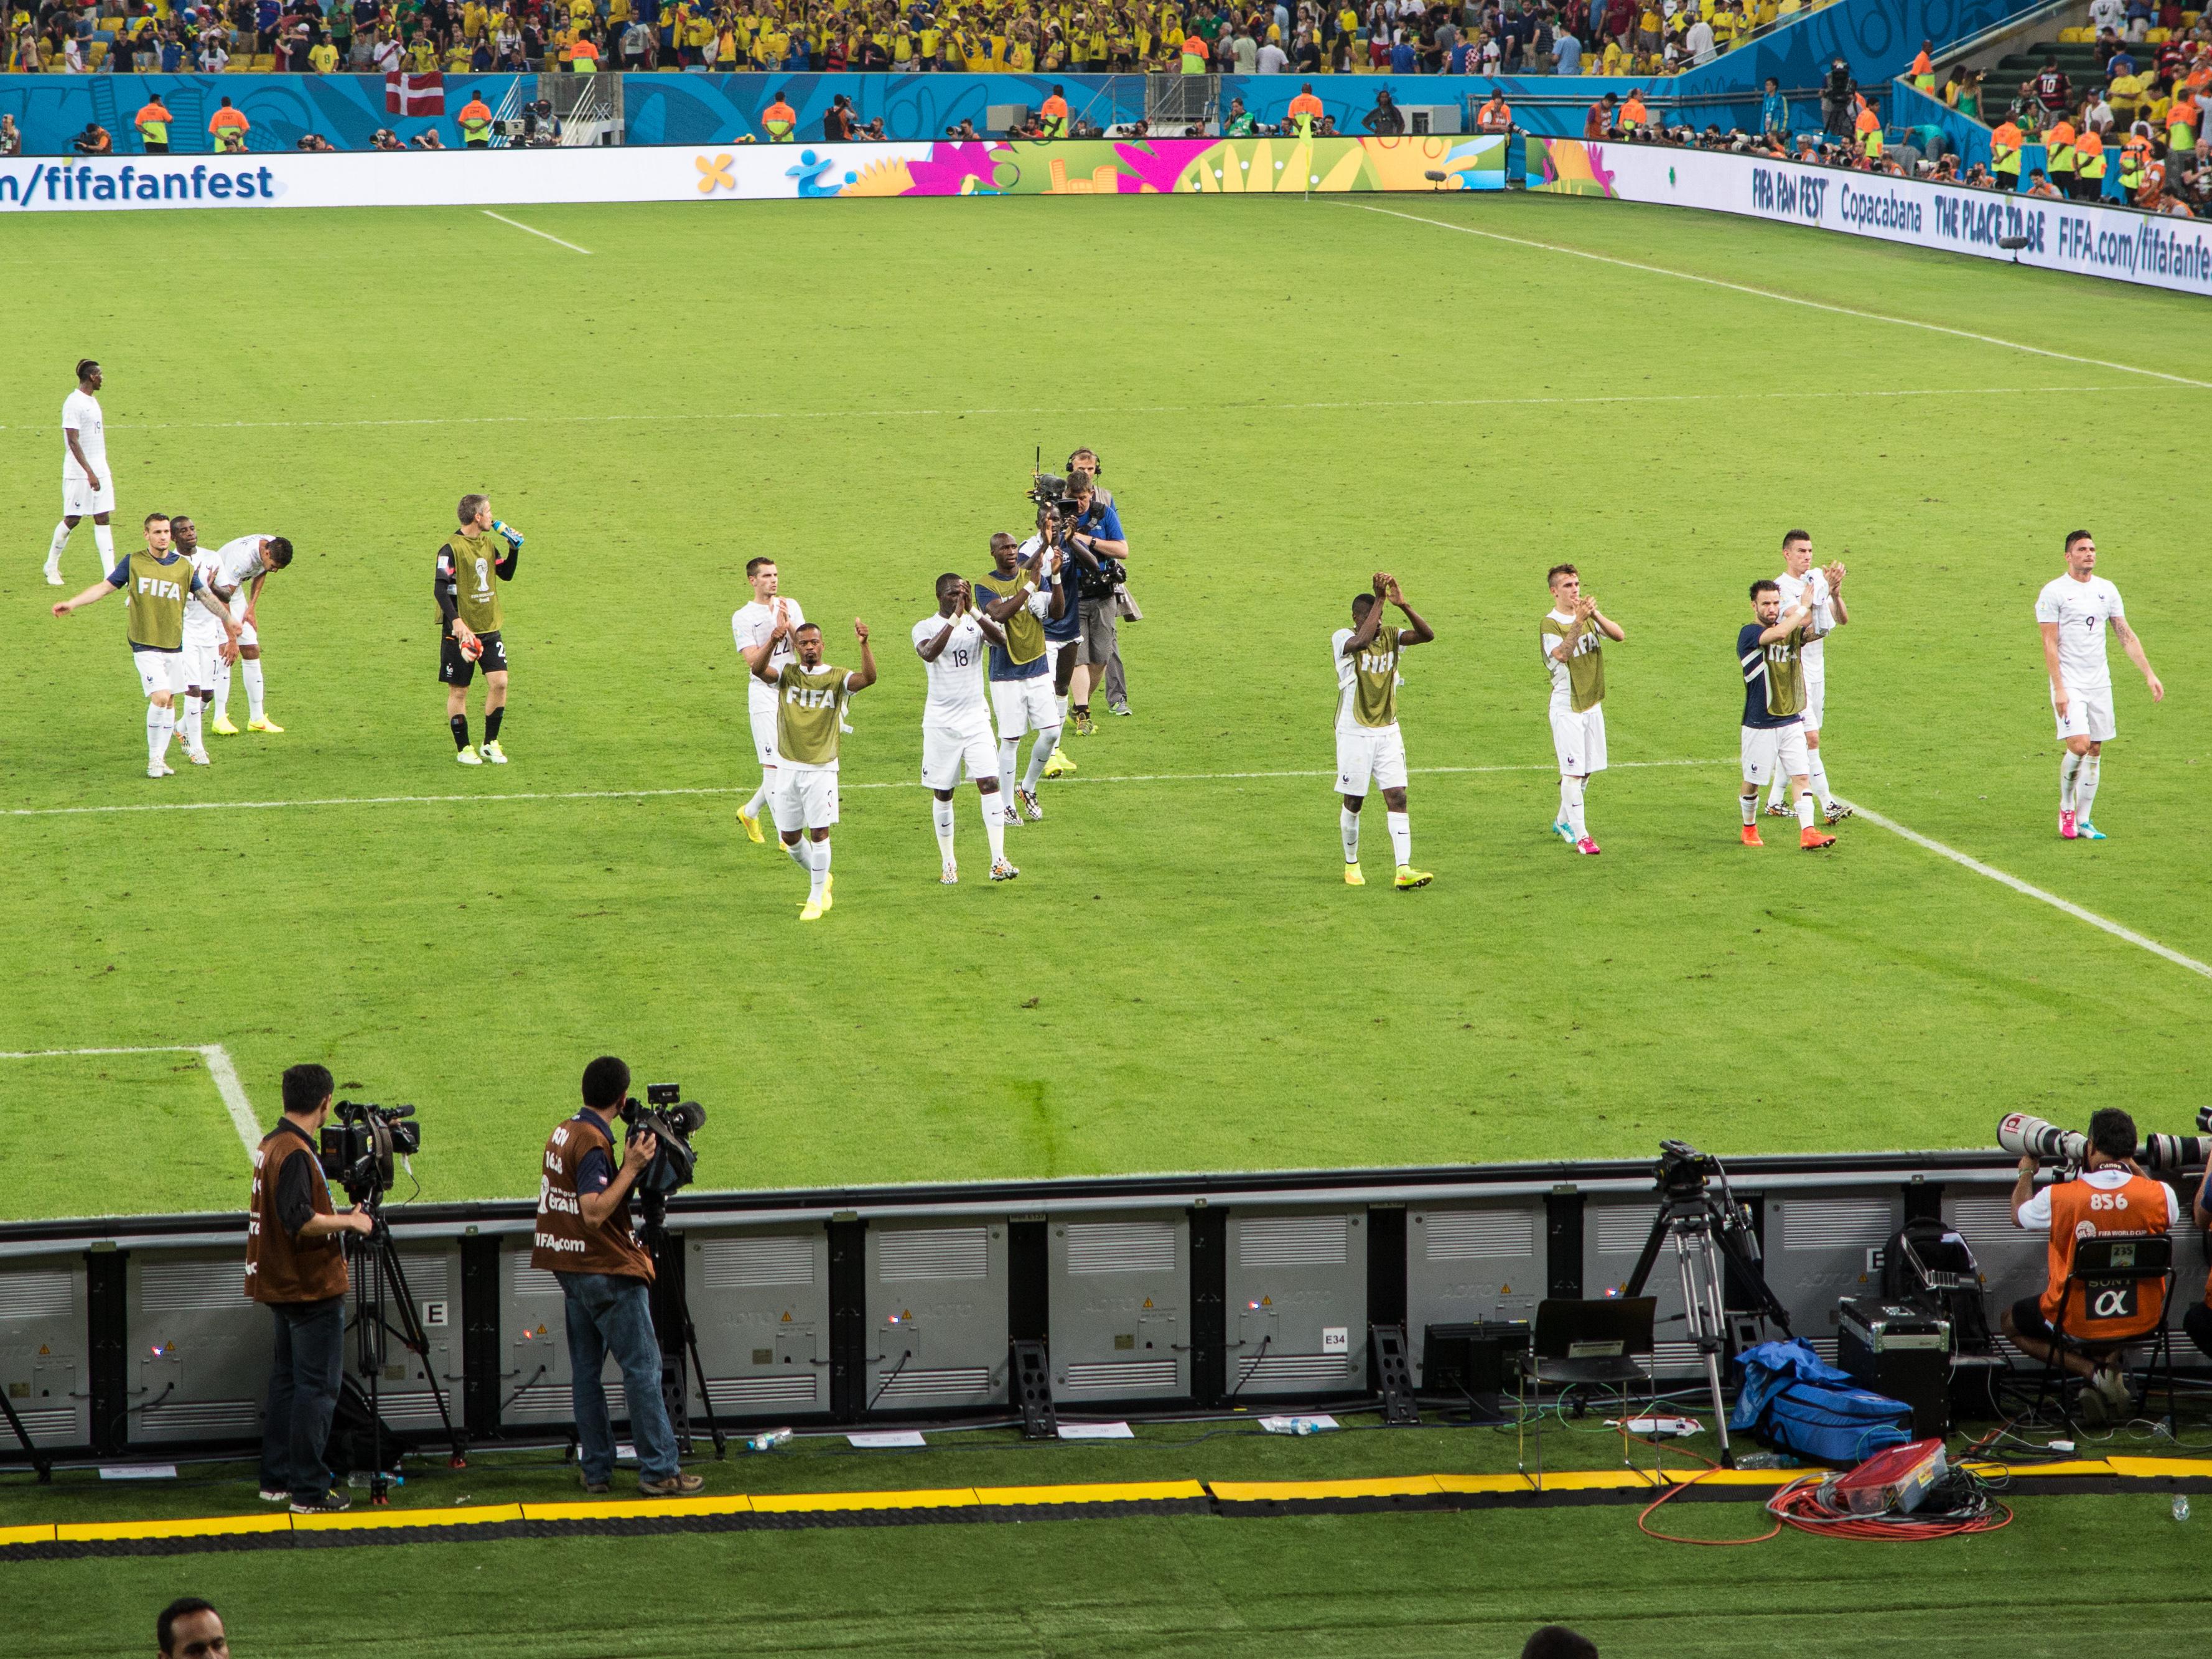 bresil-mondial-football-2014-02